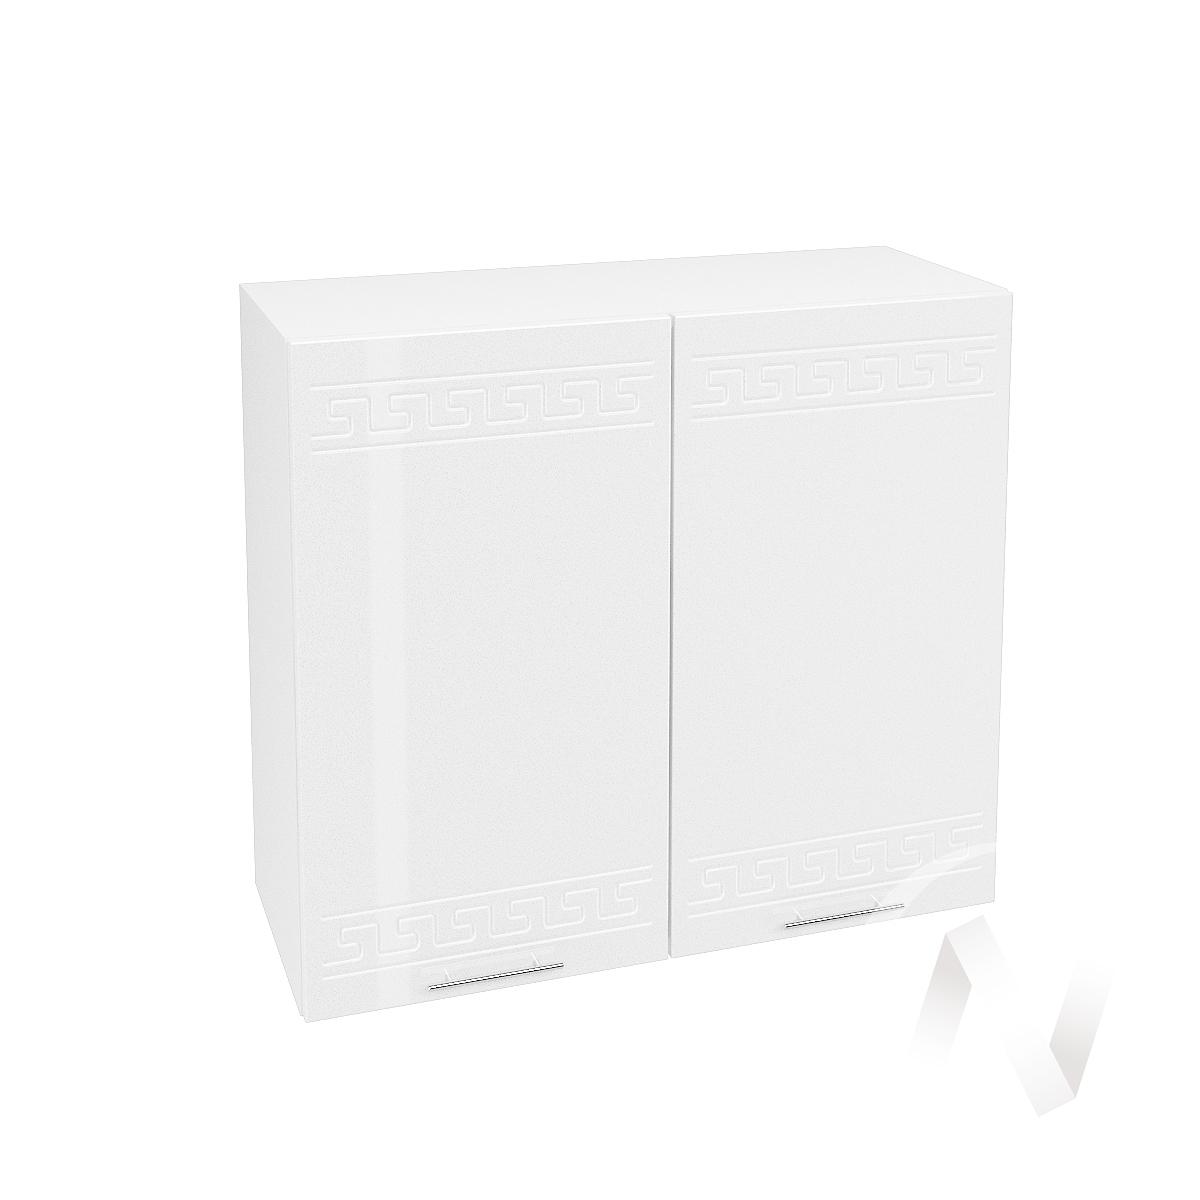 """Кухня """"Греция"""": Шкаф верхний 800, ШВ 800 (белый металлик/корпус белый)"""